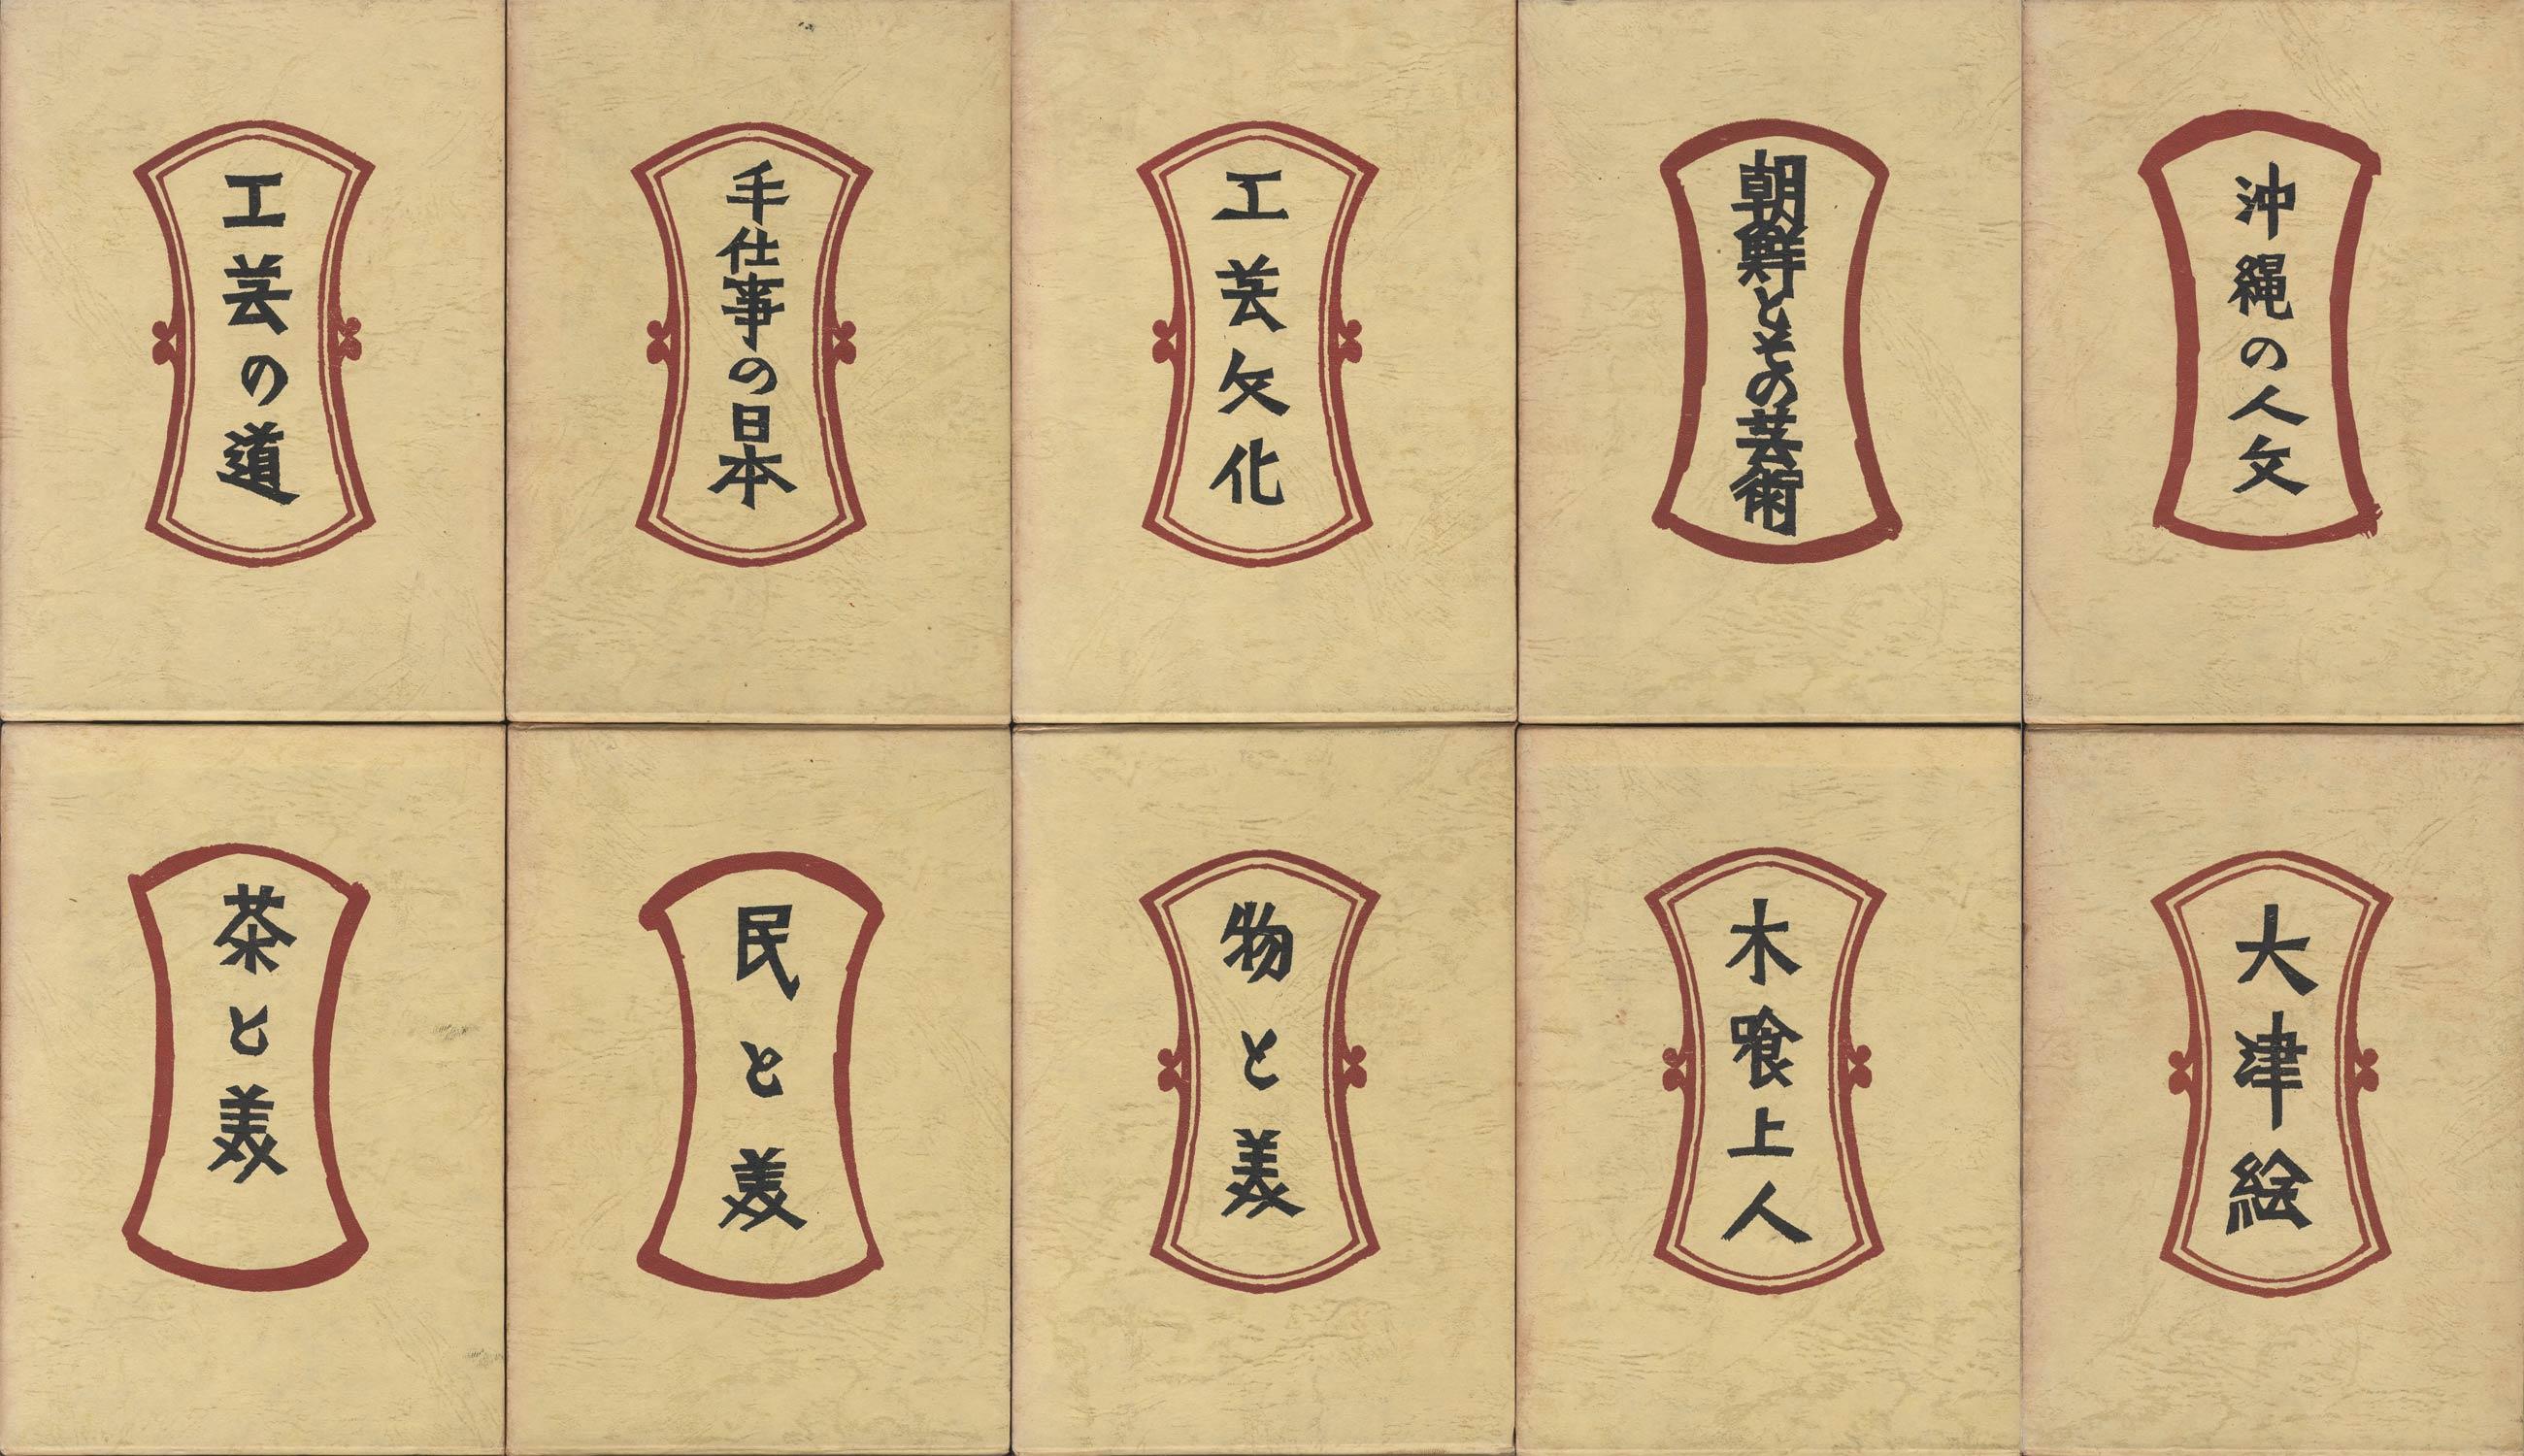 新装 柳宗悦選集 全10巻揃[image3]